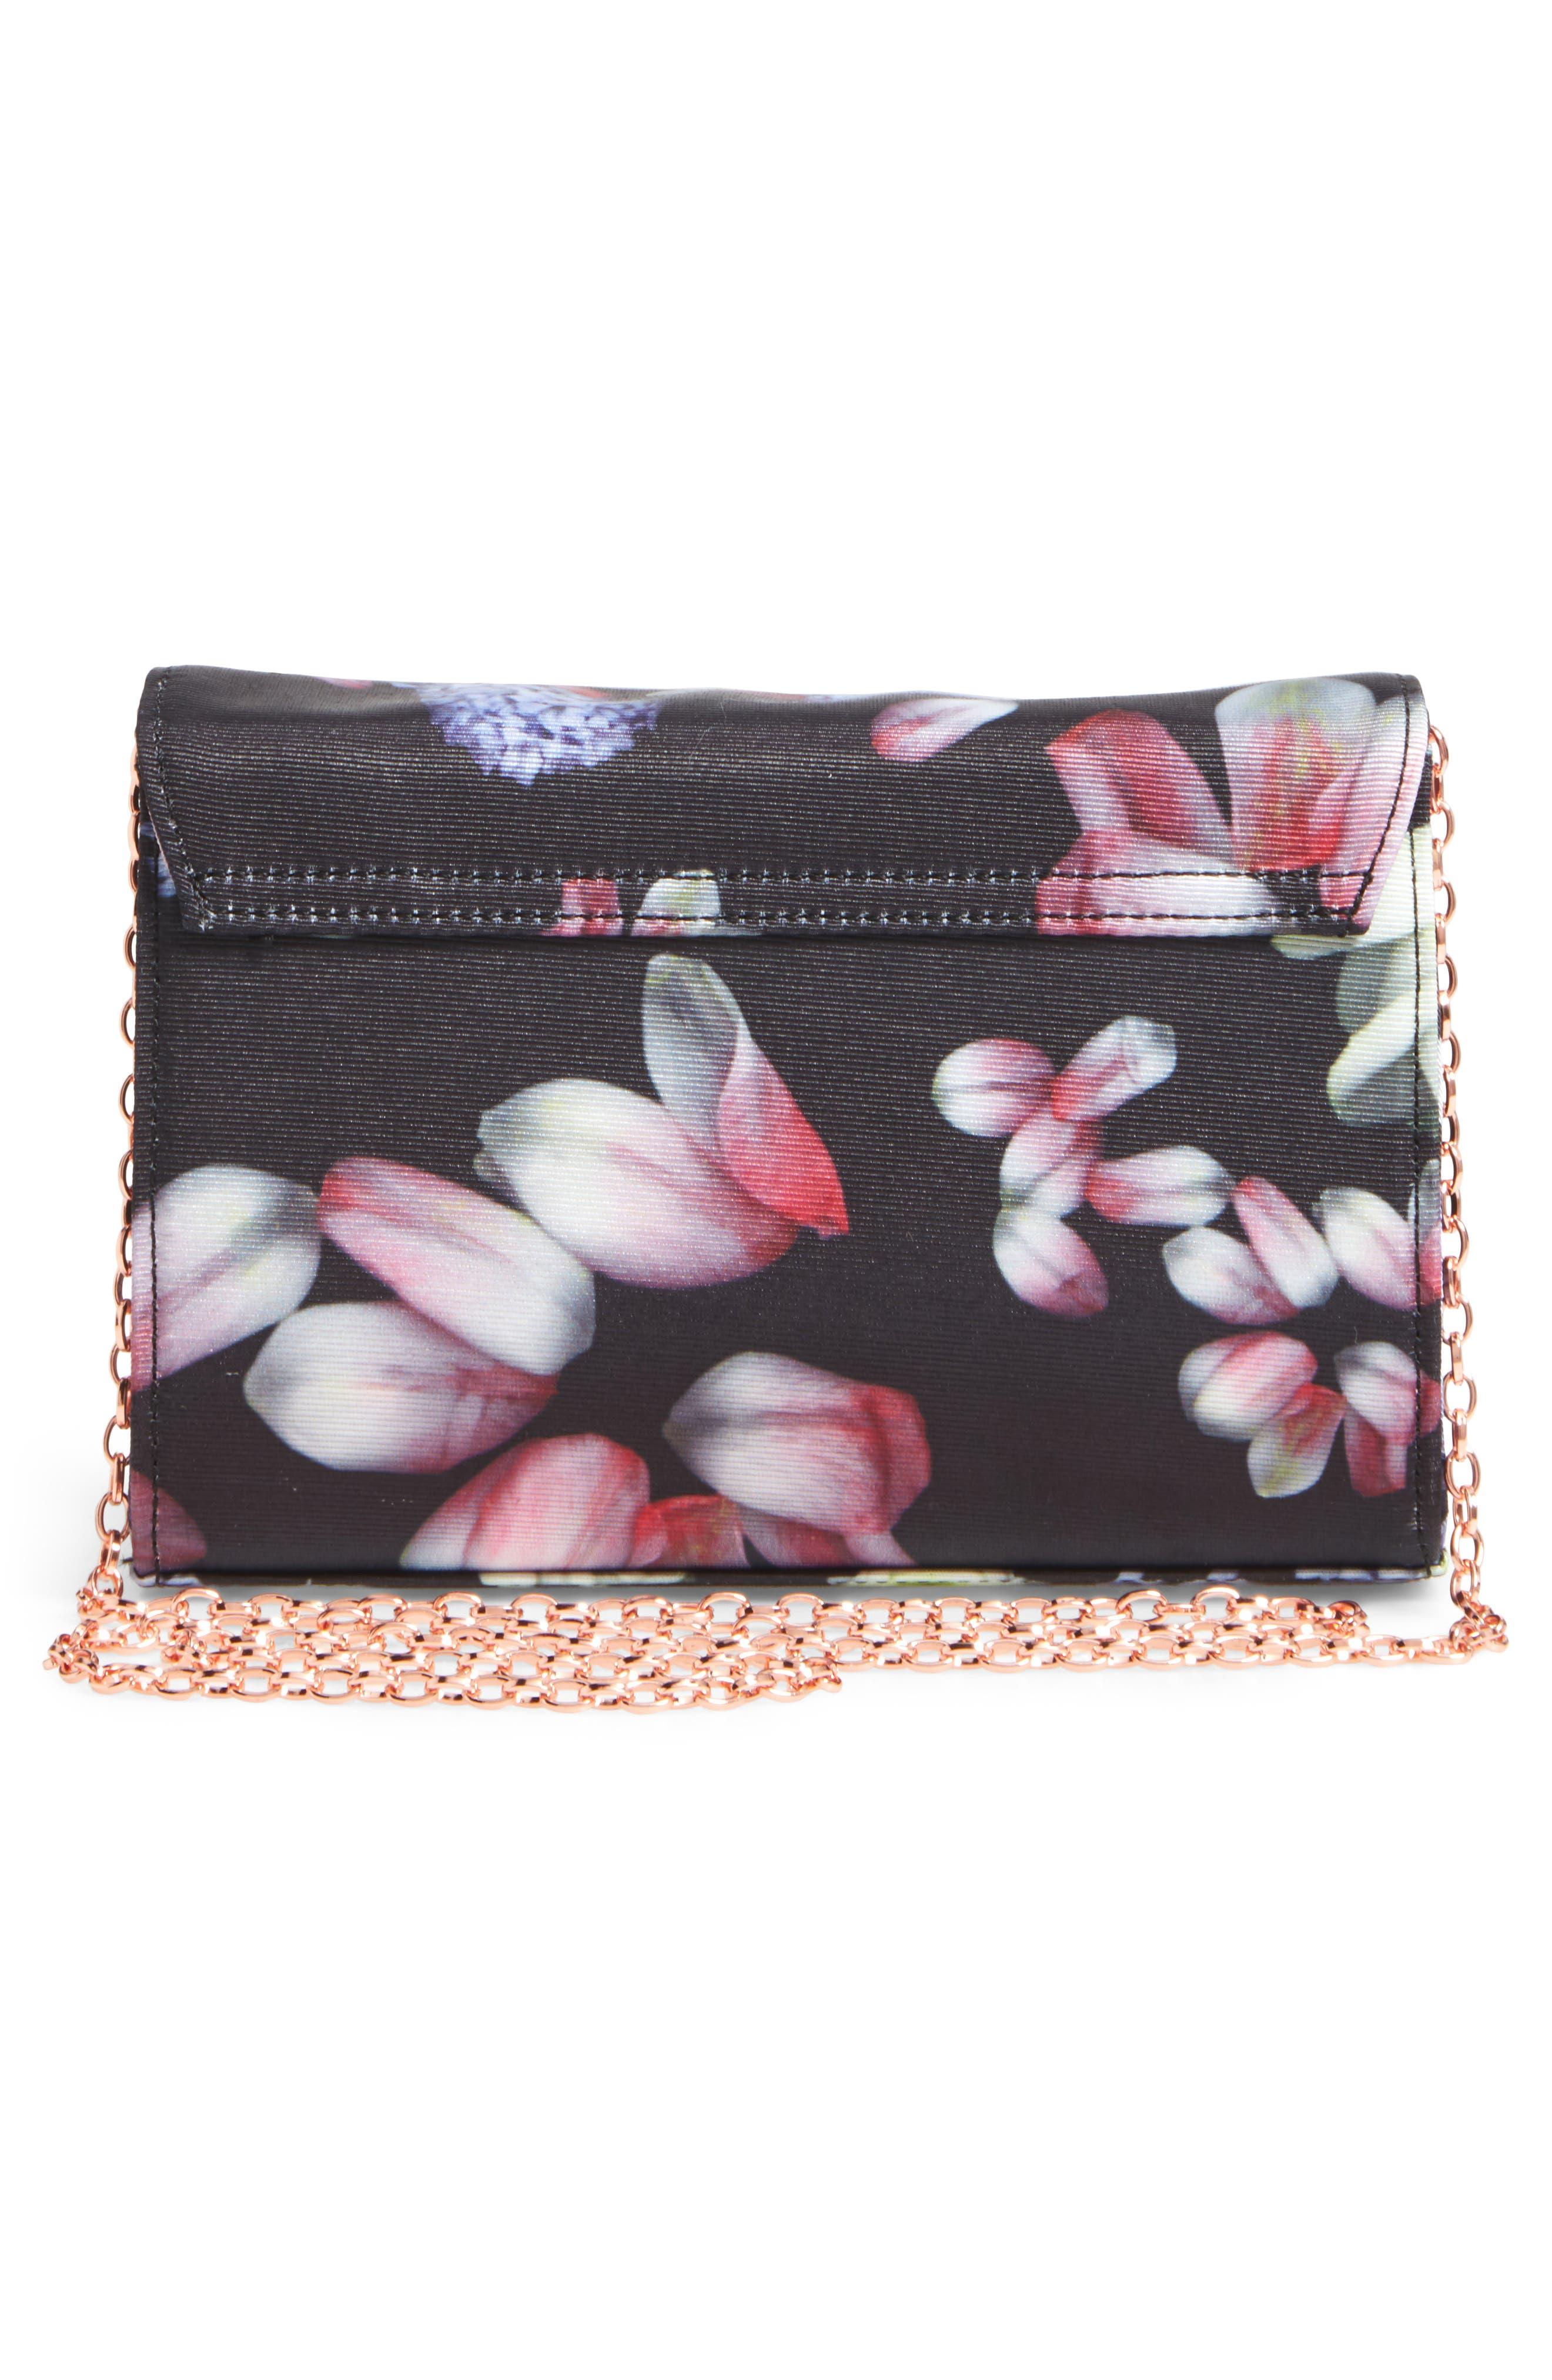 Jenniee Kensington Floral Bow Clutch,                             Alternate thumbnail 3, color,                             001